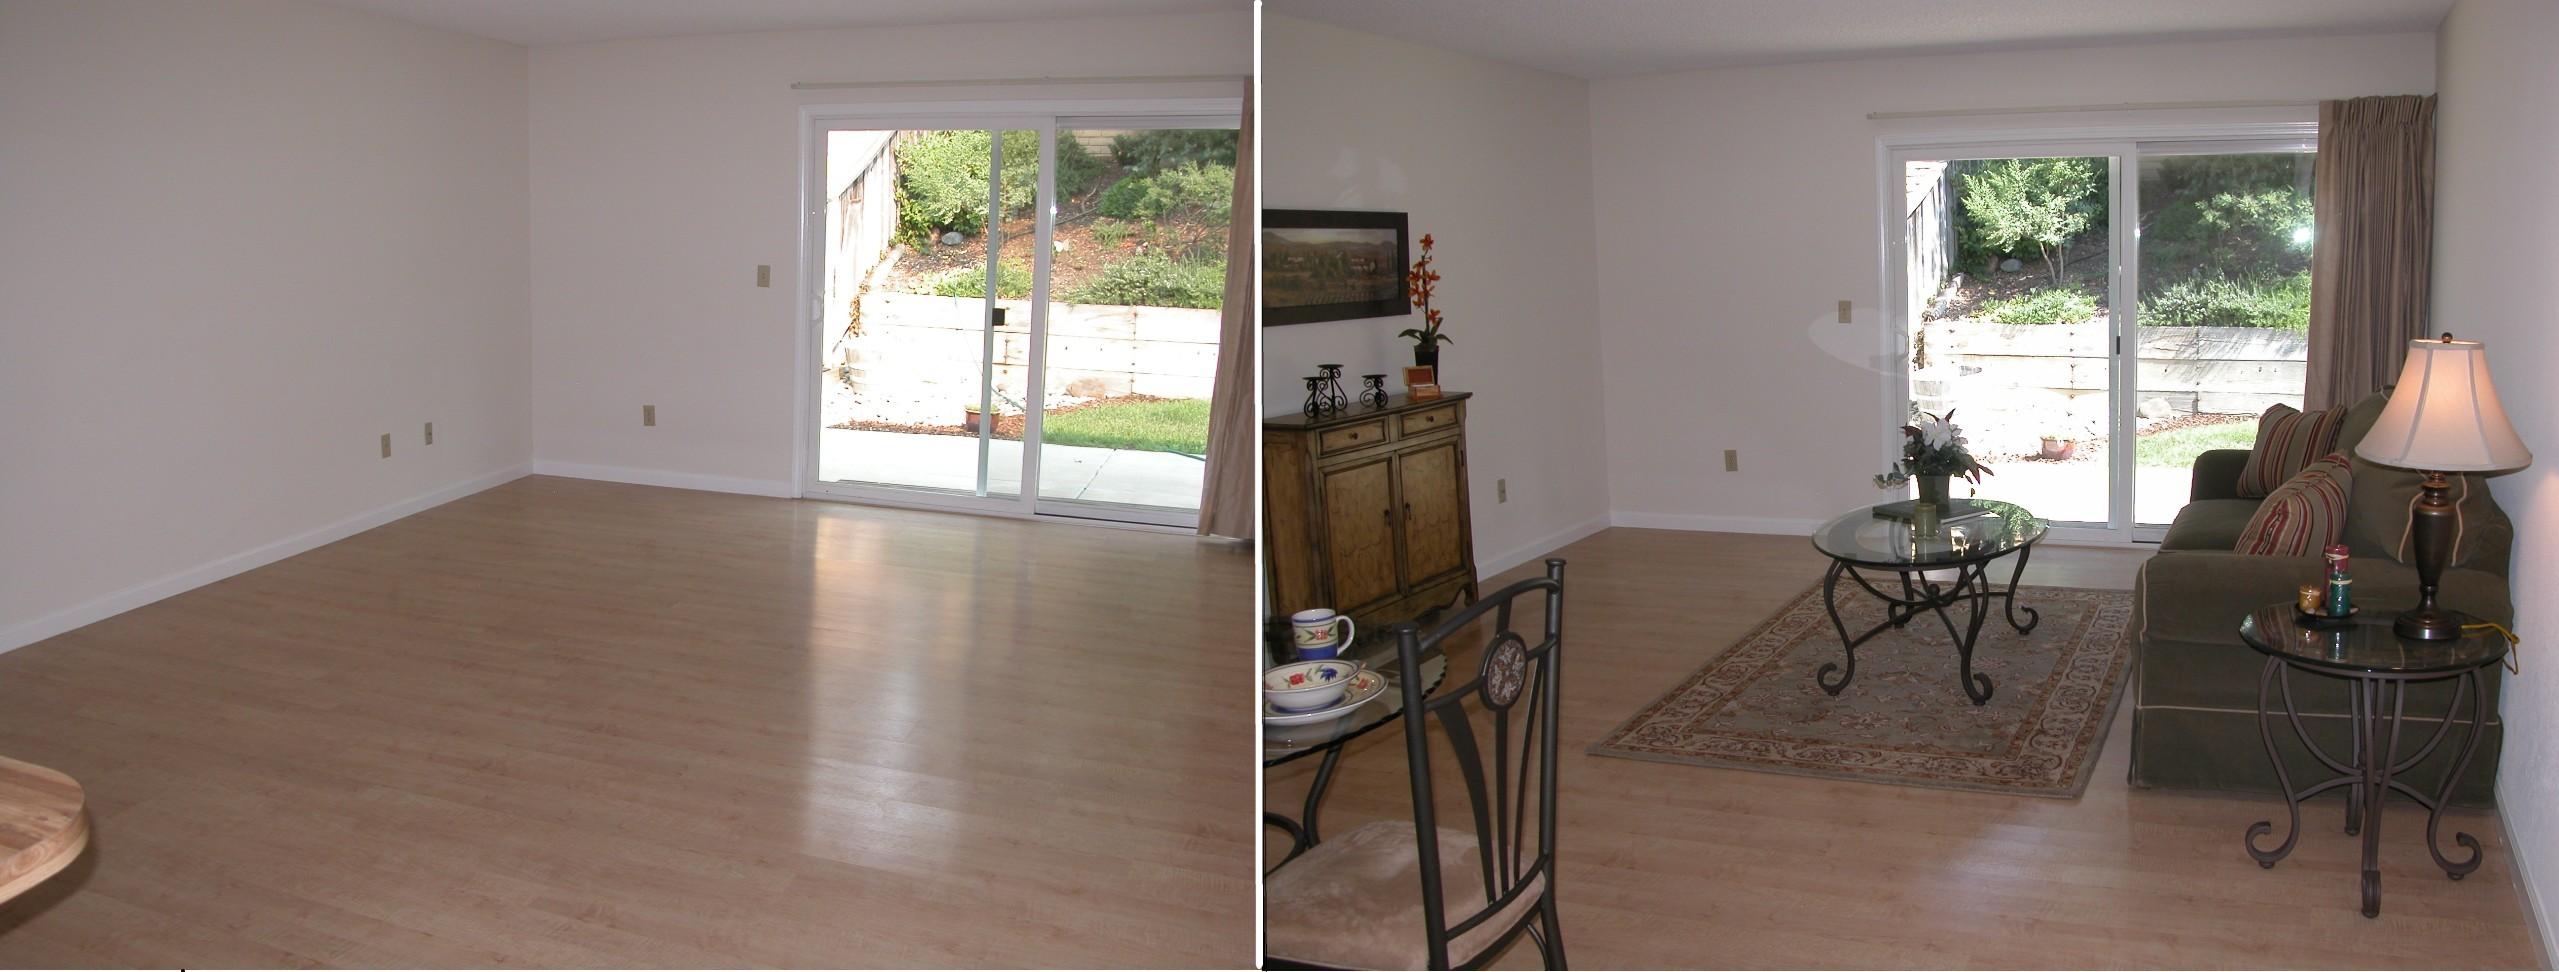 Staging real estate interior design color staging for Interior design and staging